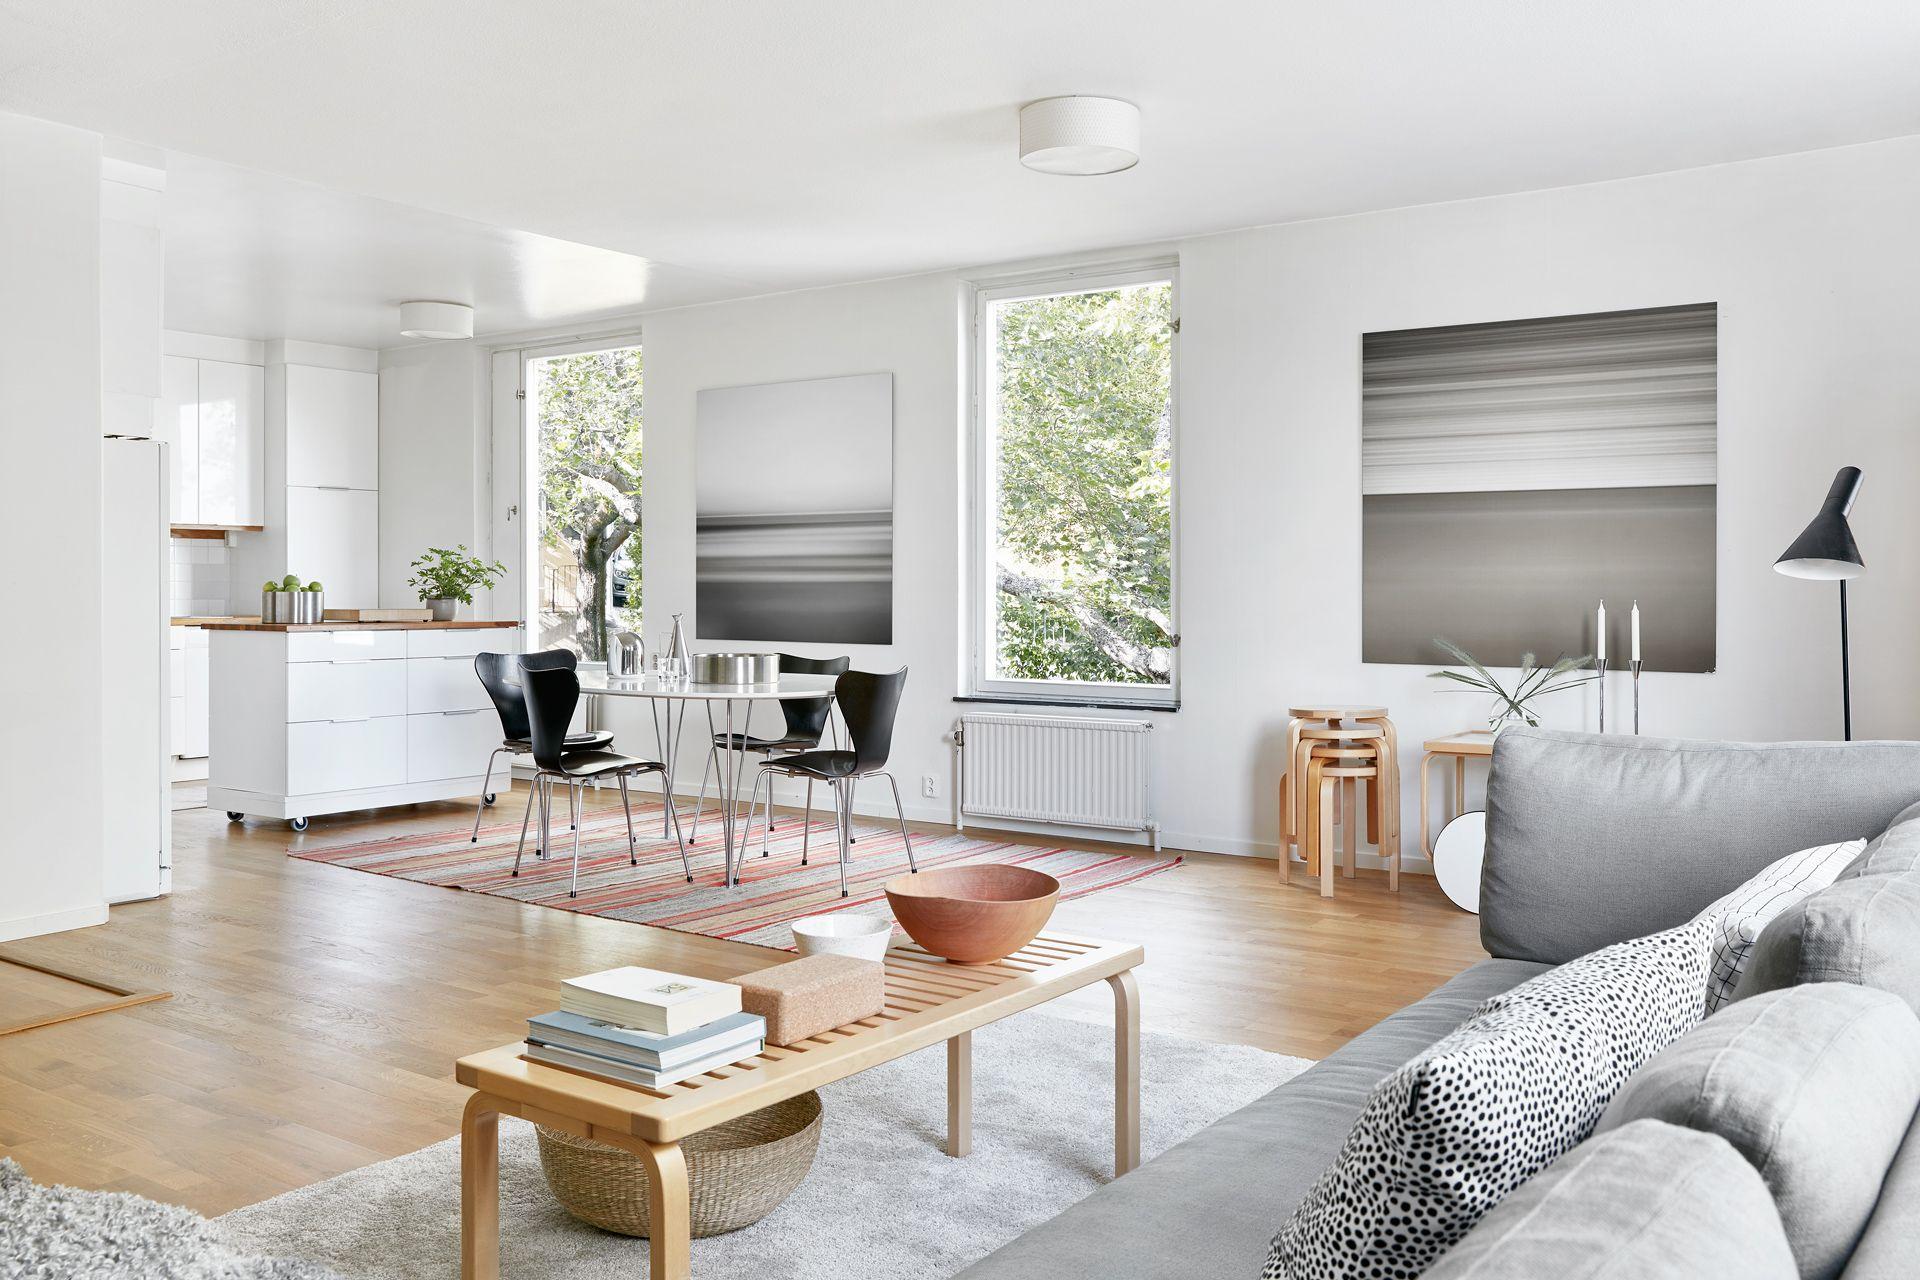 Alvar aalto house interior karl gerhardsväg  saltsjöbaden rösunda nacka  fantastic frank